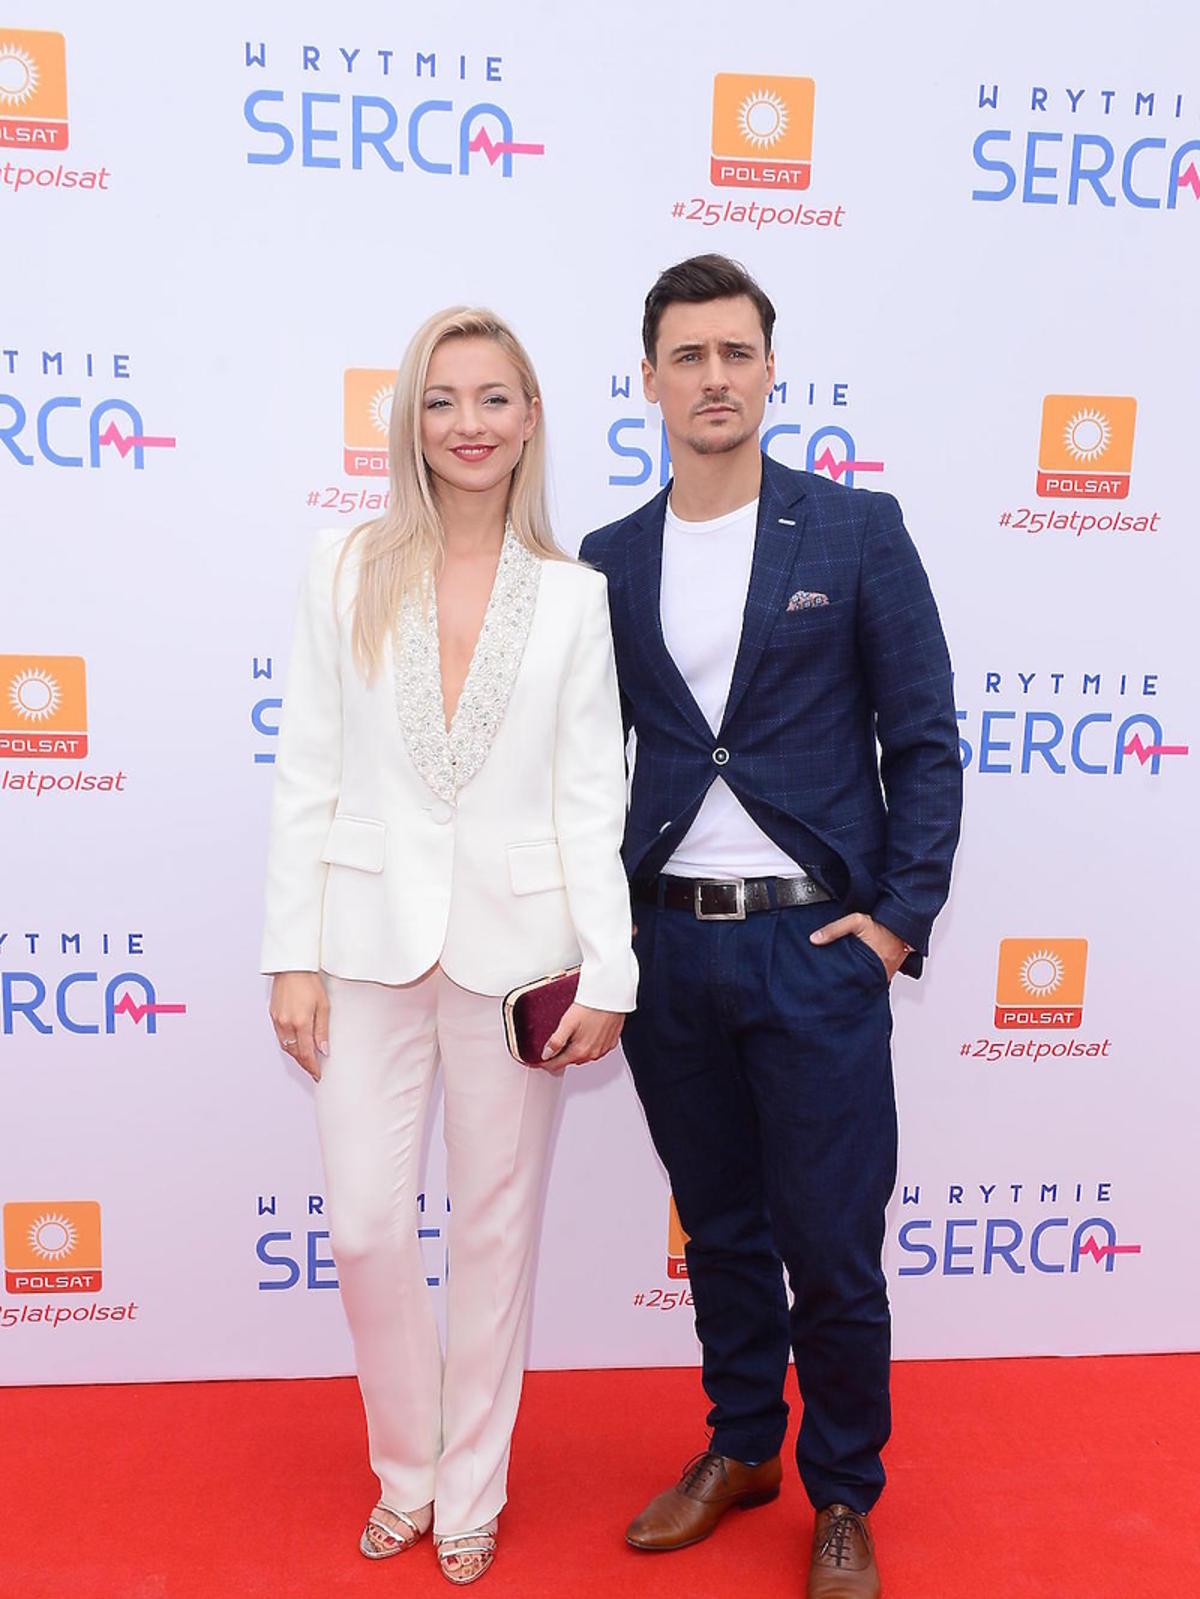 Basia Kurdej Szatan i Mateusz Damięcki na konferencji serialu